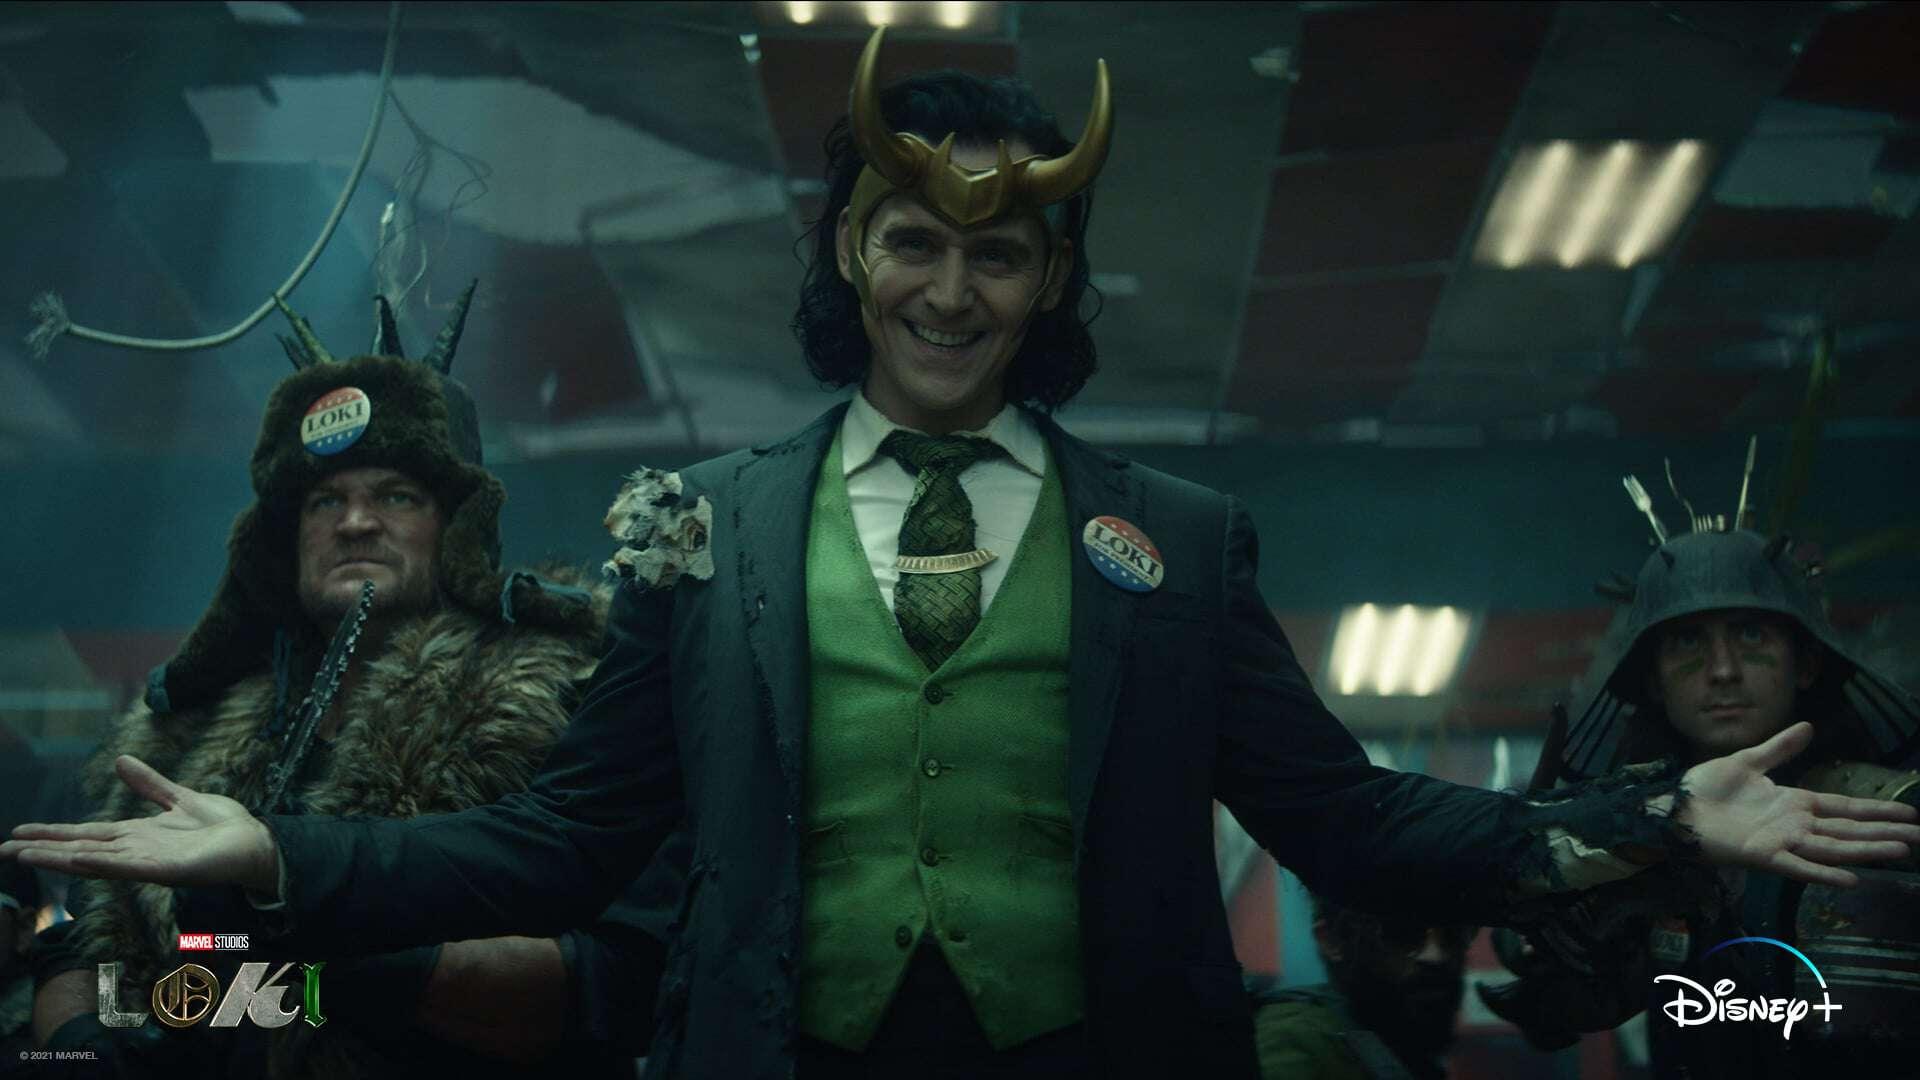 Loki', série da Marvel exclusiva da Disney+, ganha primeiro pôster